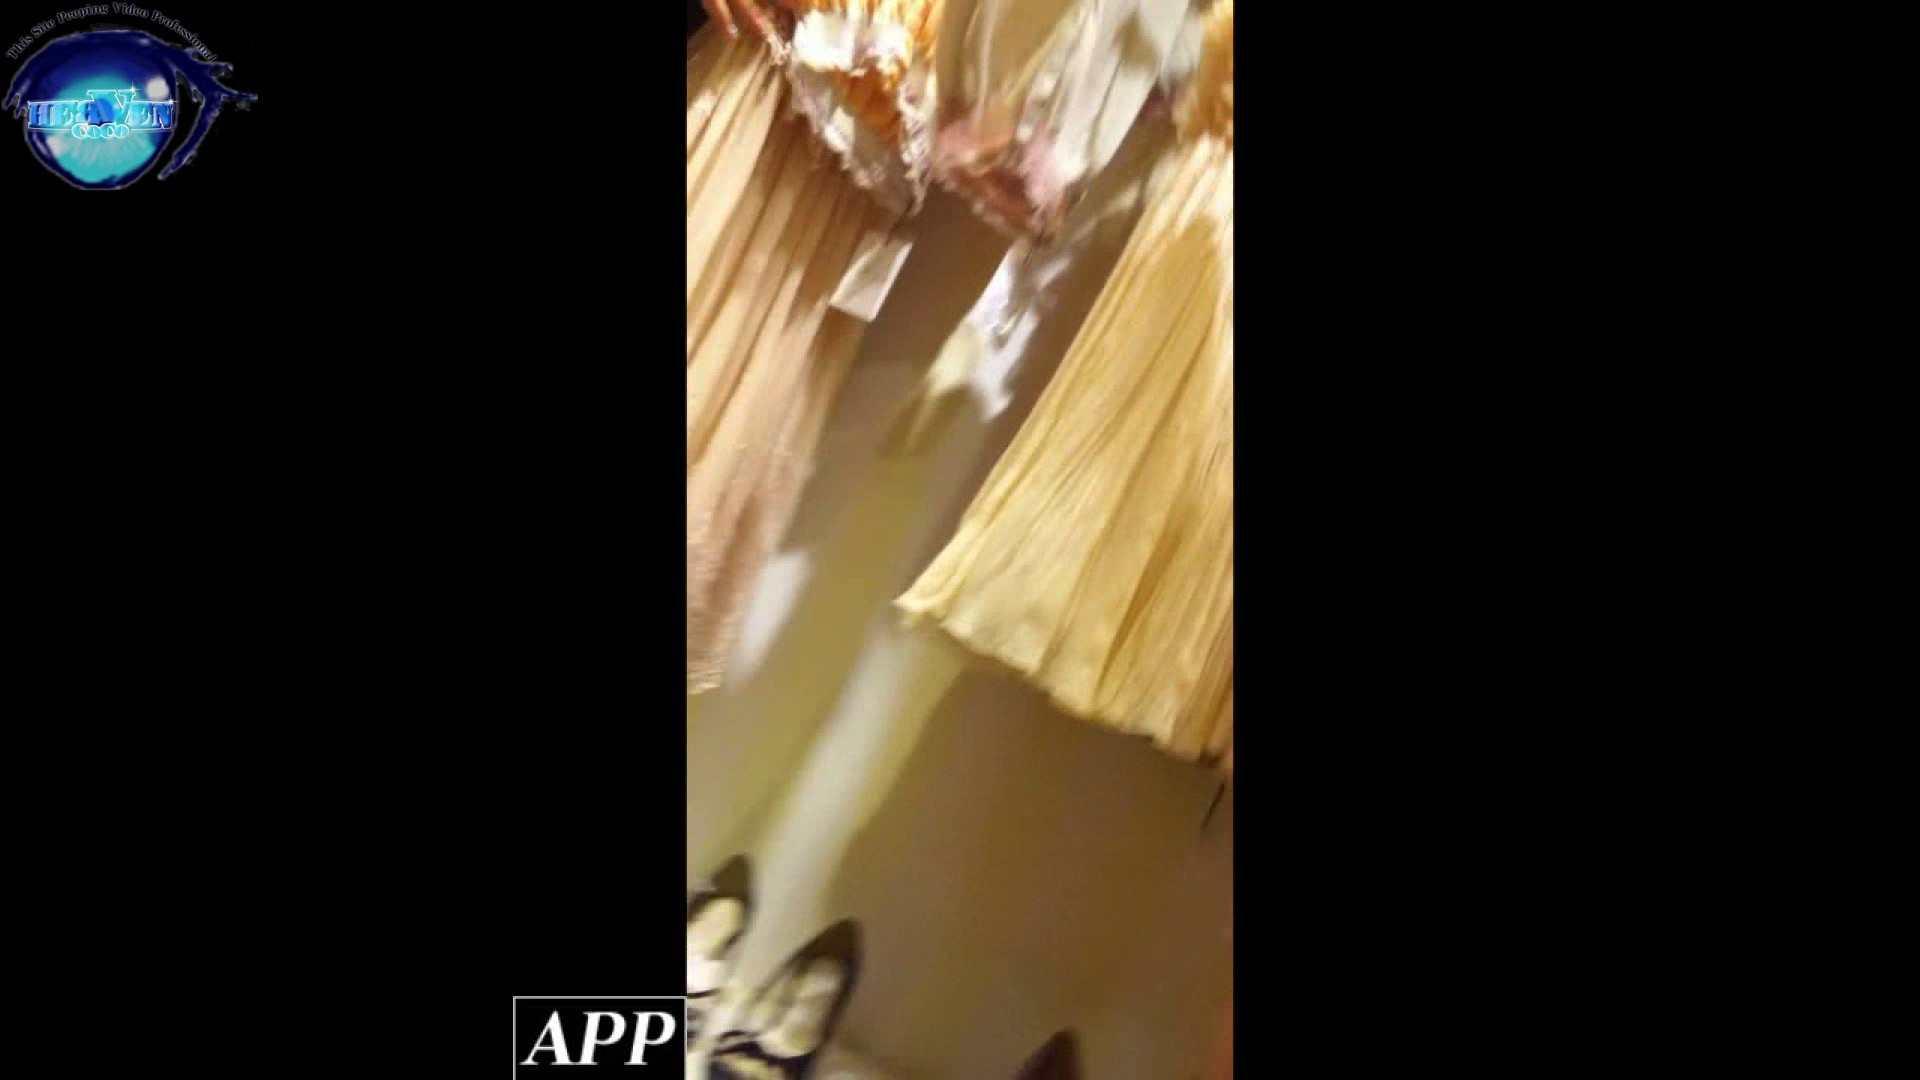 ハイビジョン盗撮!ショップ店員千人斬り!胸チラ編 vol.53 OLセックス 盗撮ワレメ無修正動画無料 111画像 110